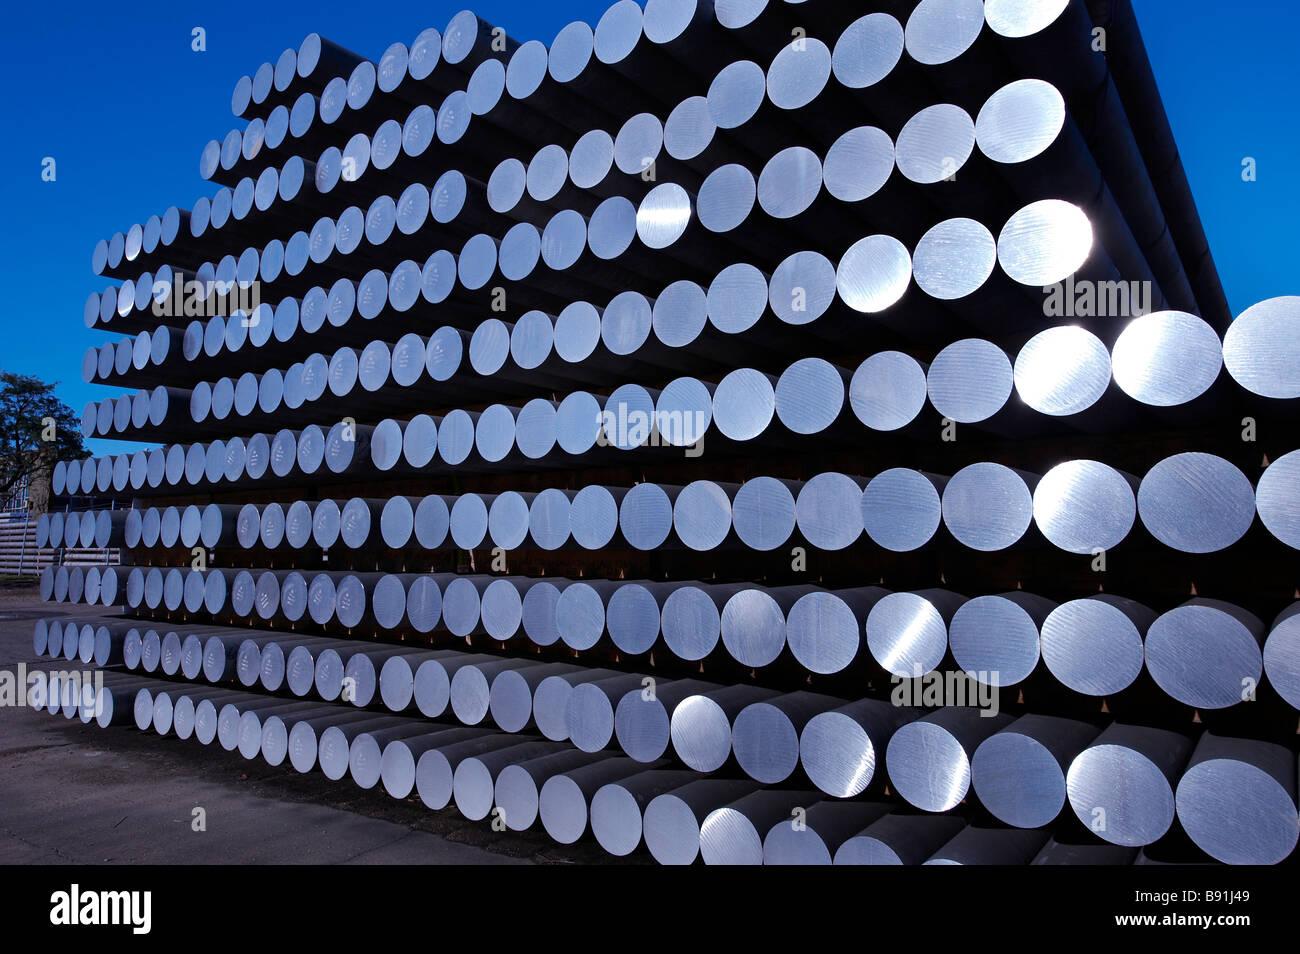 Aluminum rods Stock Photo